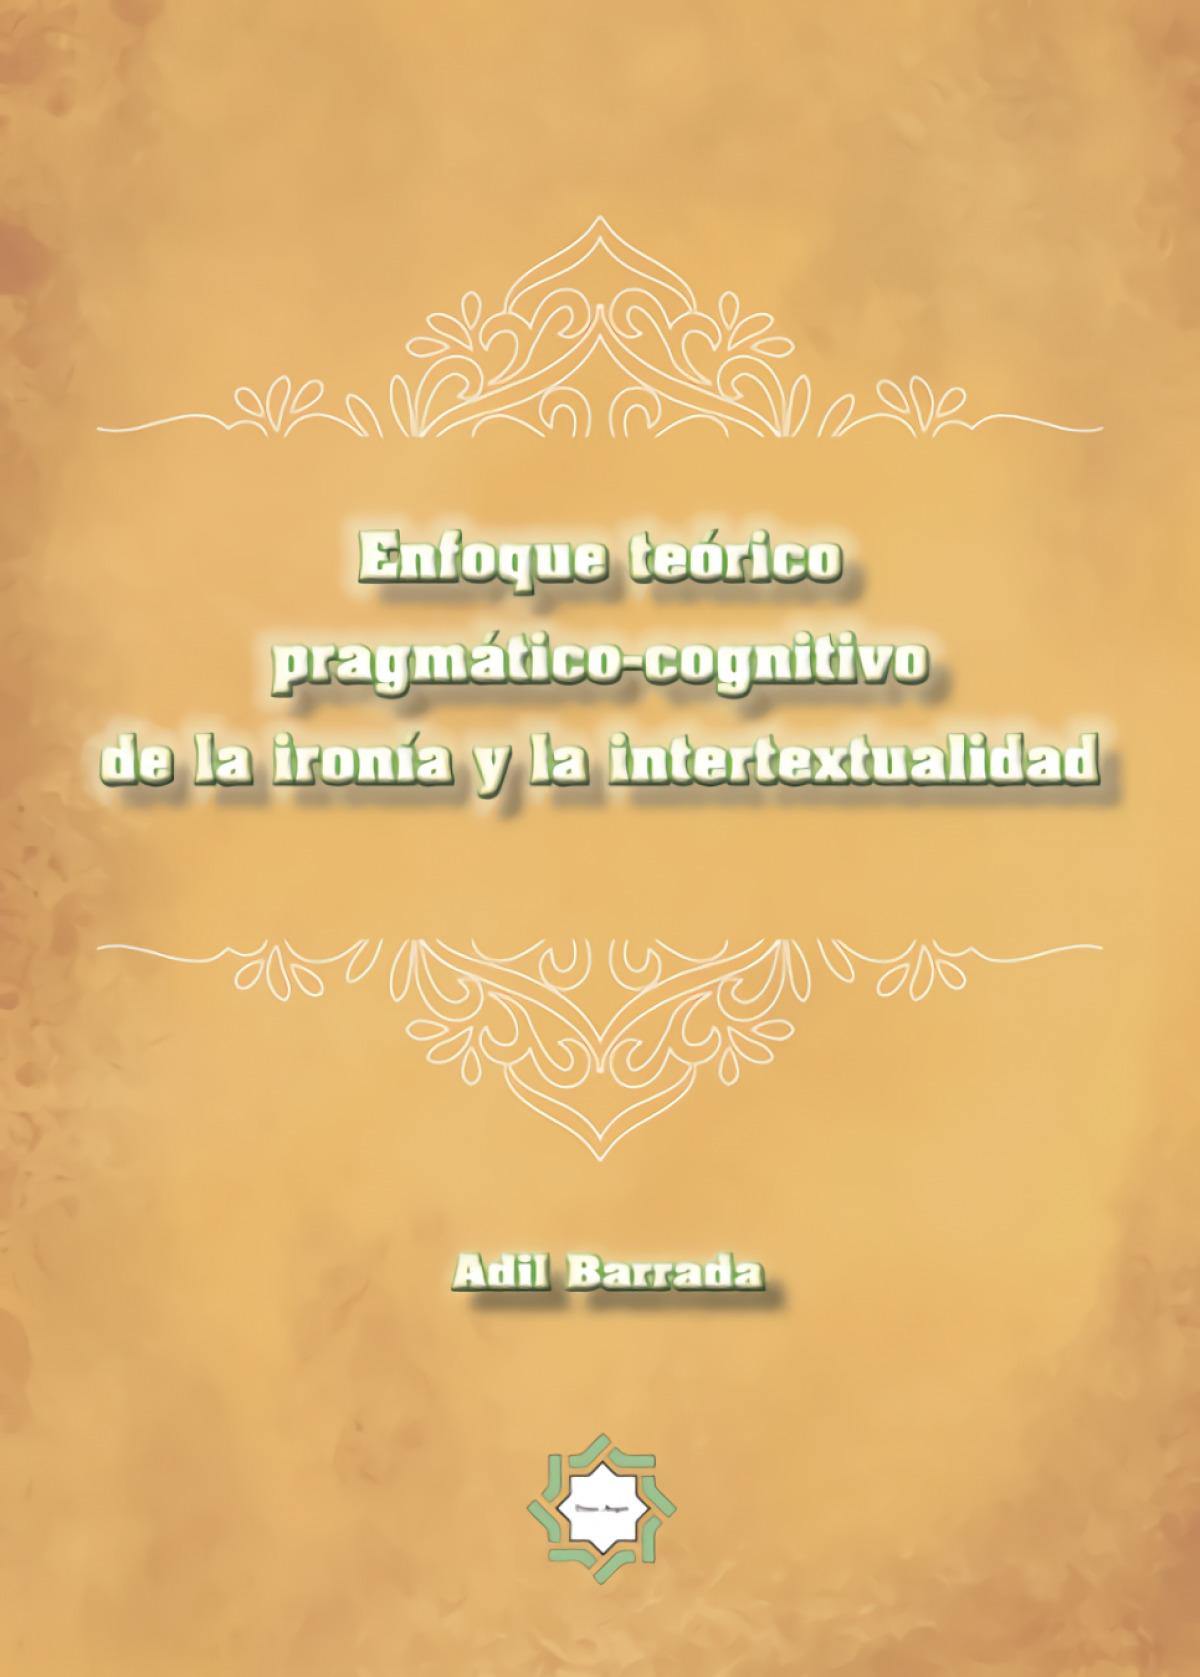 Enfoque teórico pragmático-cognitivo de la ironía y la intertextualidad